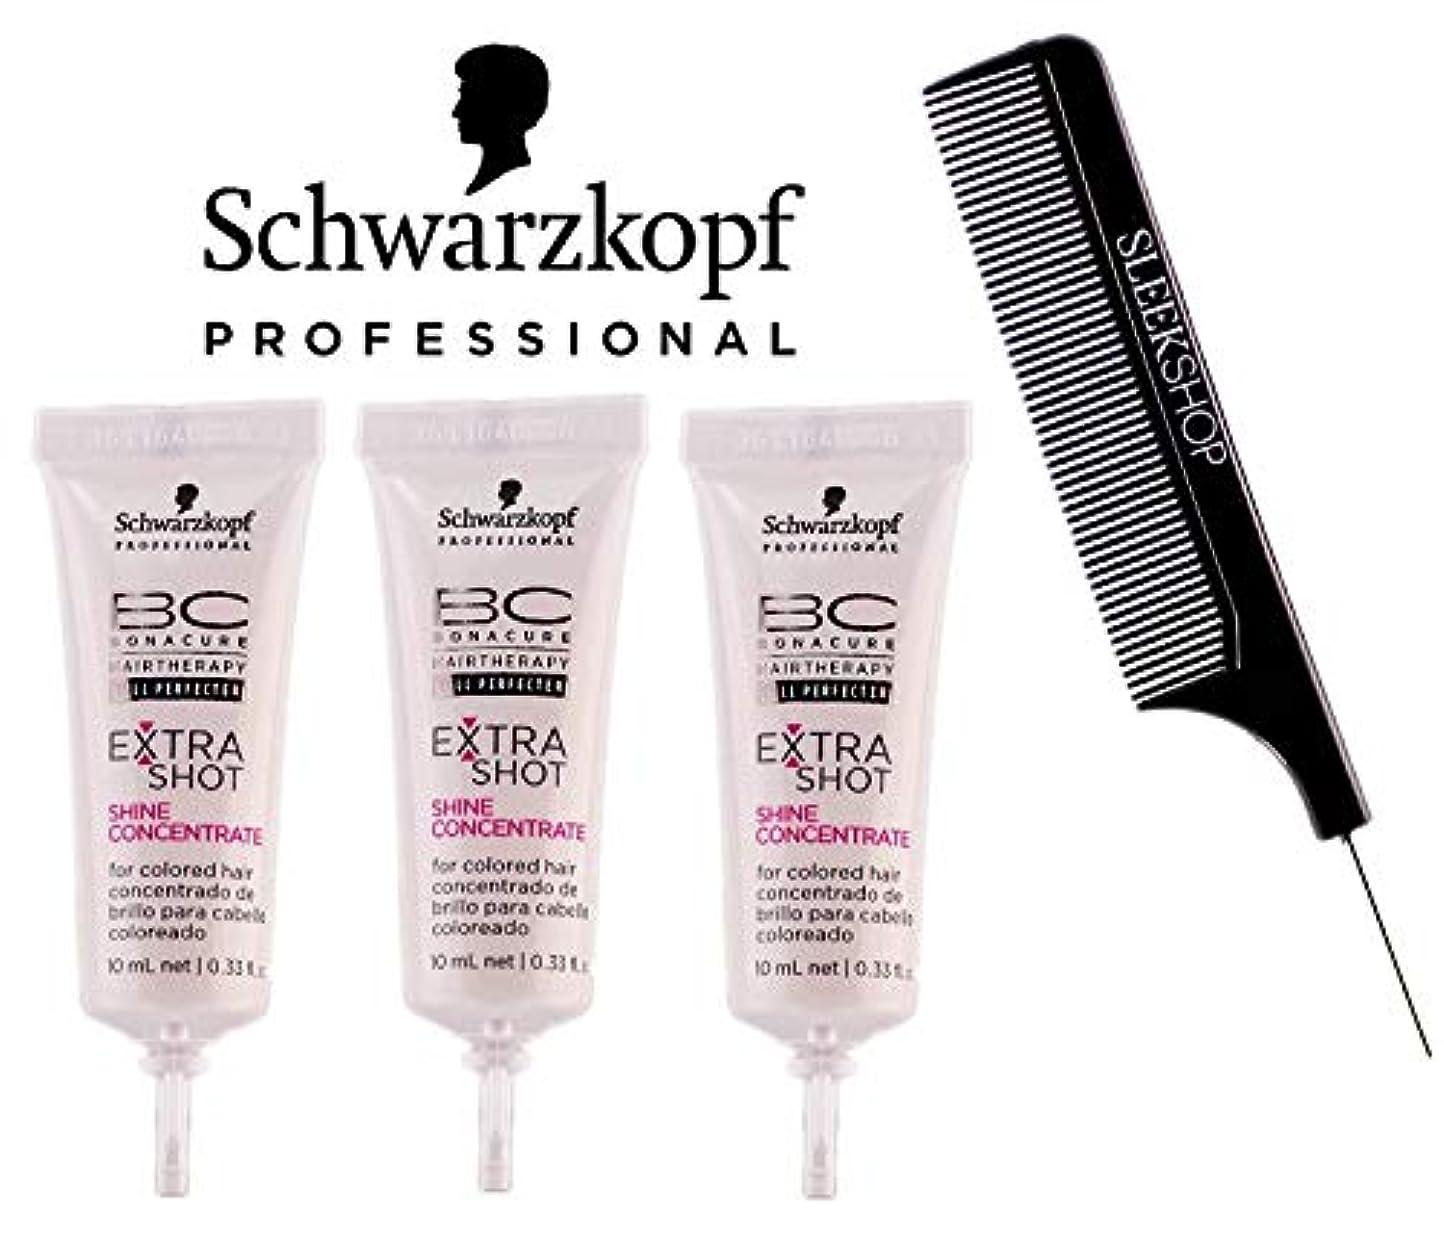 キー母性リベラルSchwarzkopf (なめらかなスチールピンテールコーム付き)色の髪のためのBC Bonacureエキストラショット磨きコンセントレイト (3-pack) x 0.33 oz